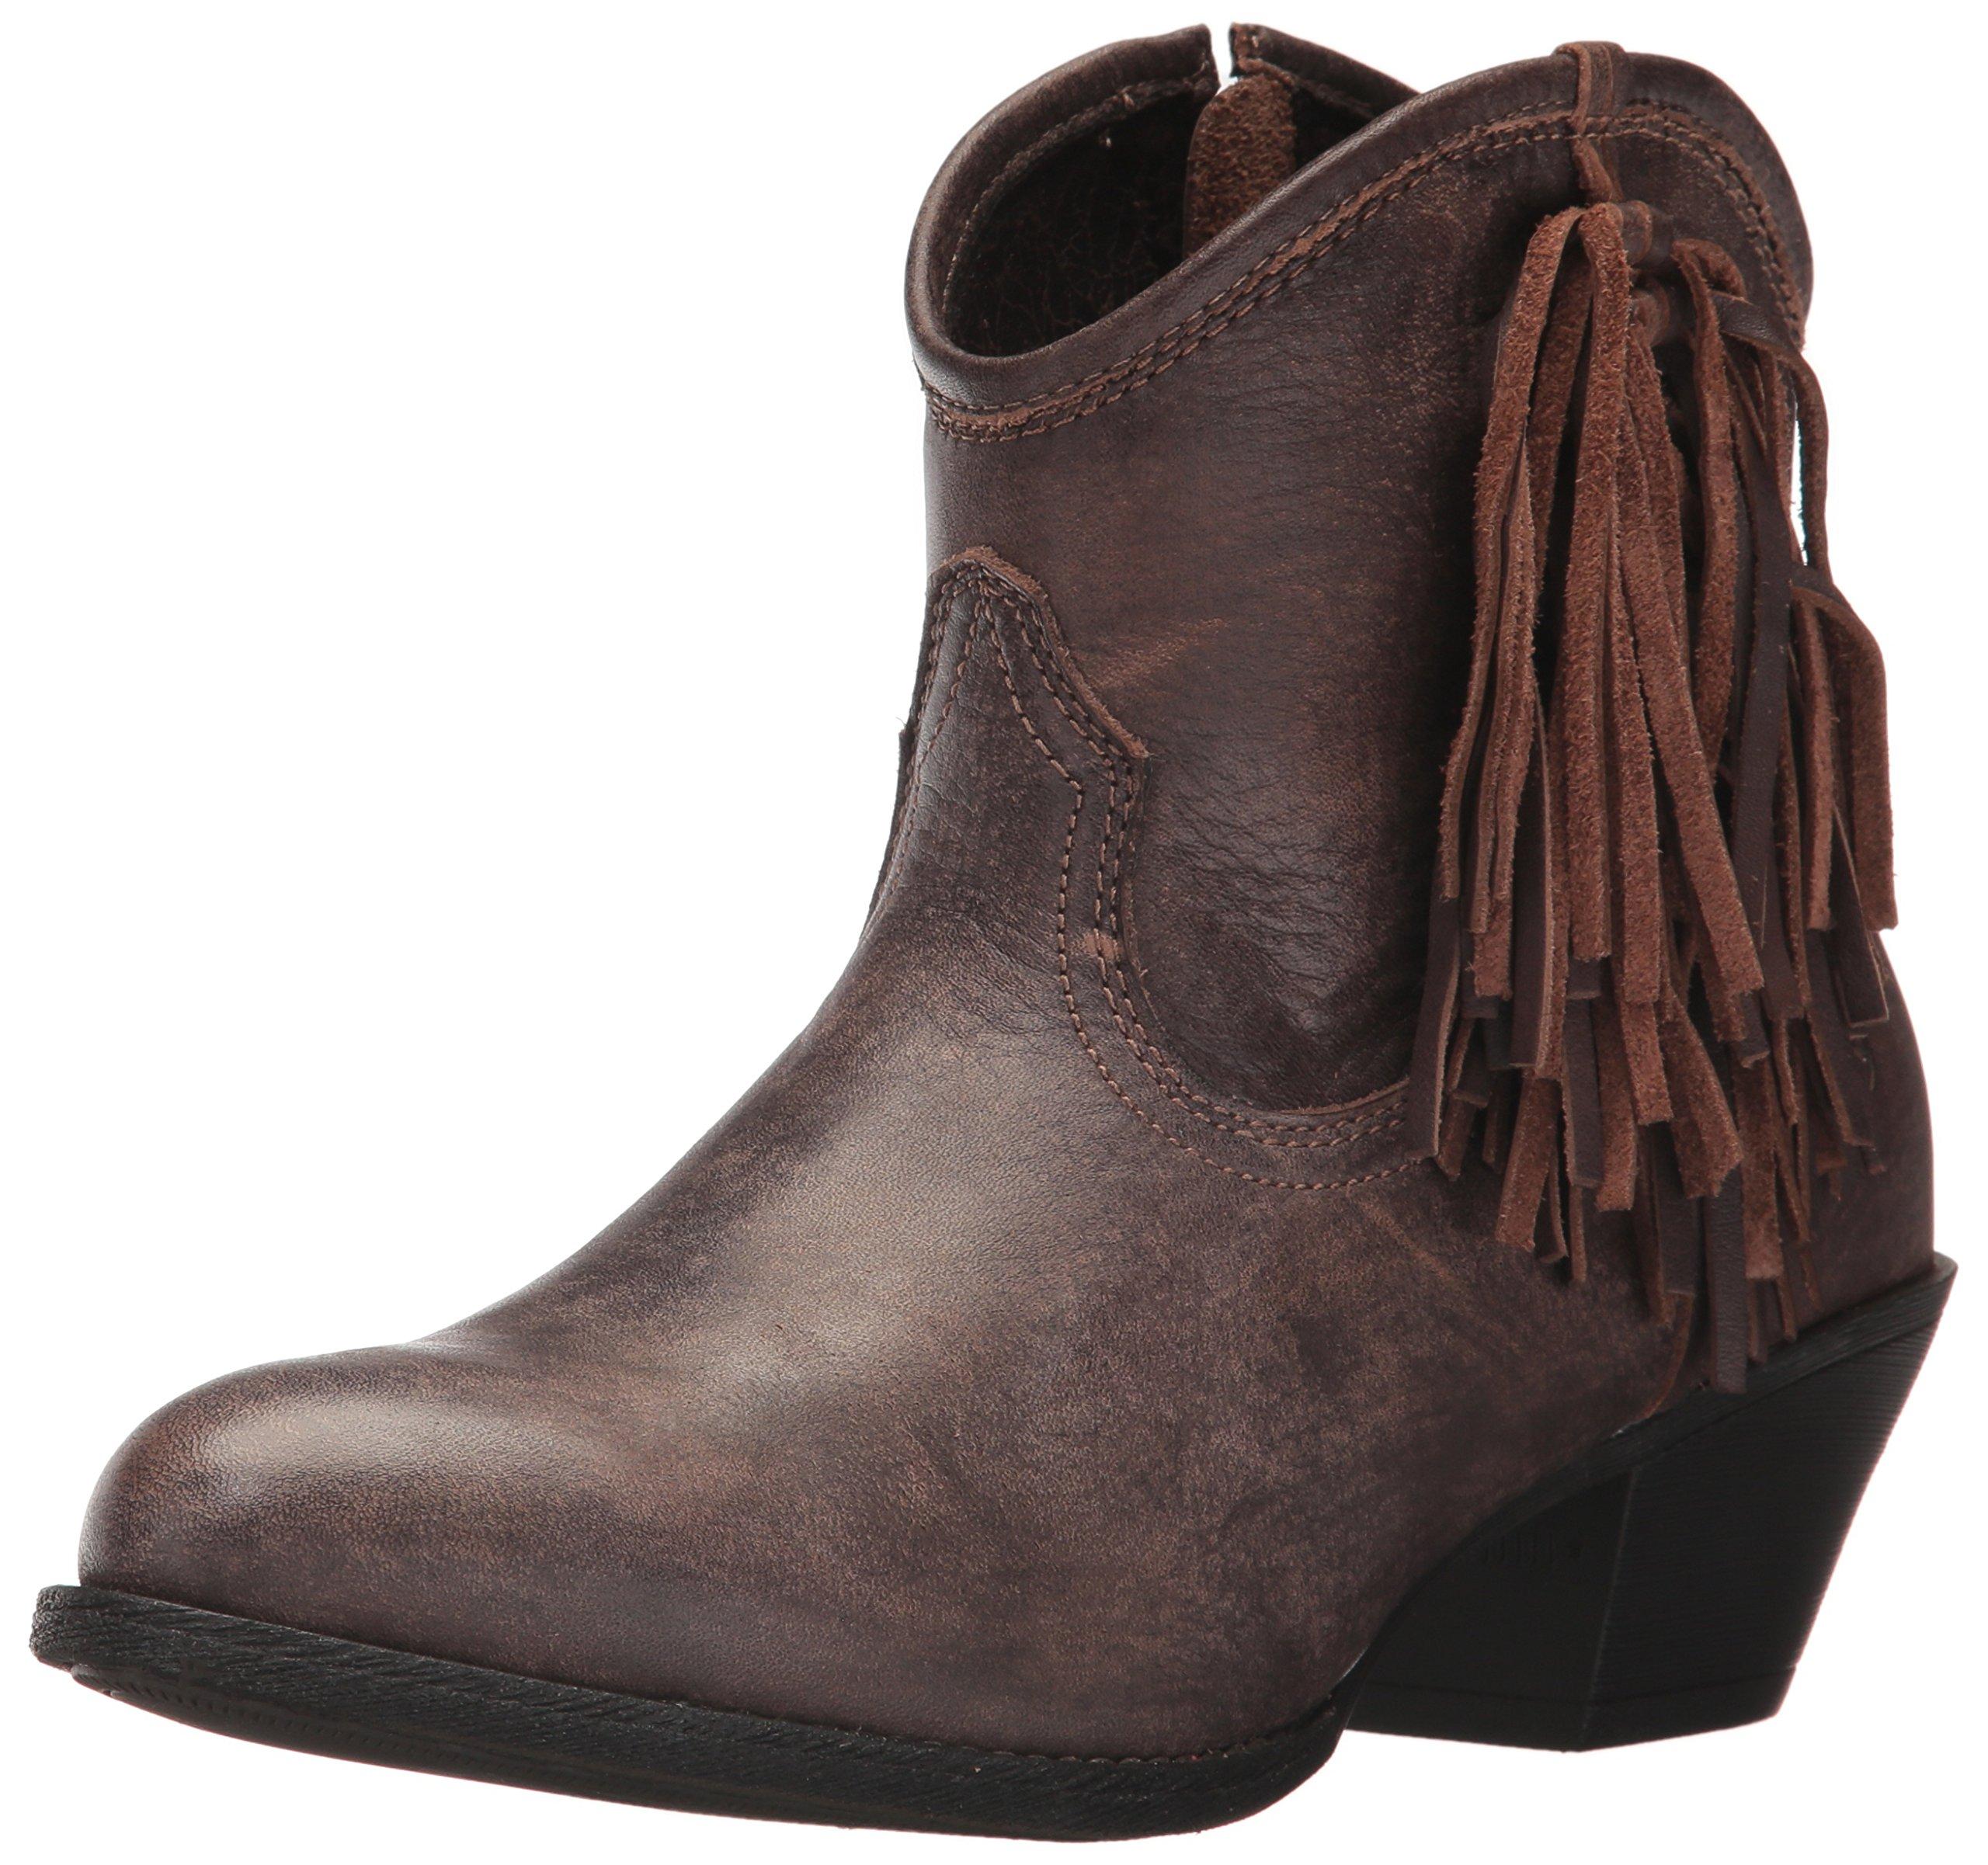 Ariat Women's Duchess Work Boot, Tack Room Chocolate, 9.5 B US